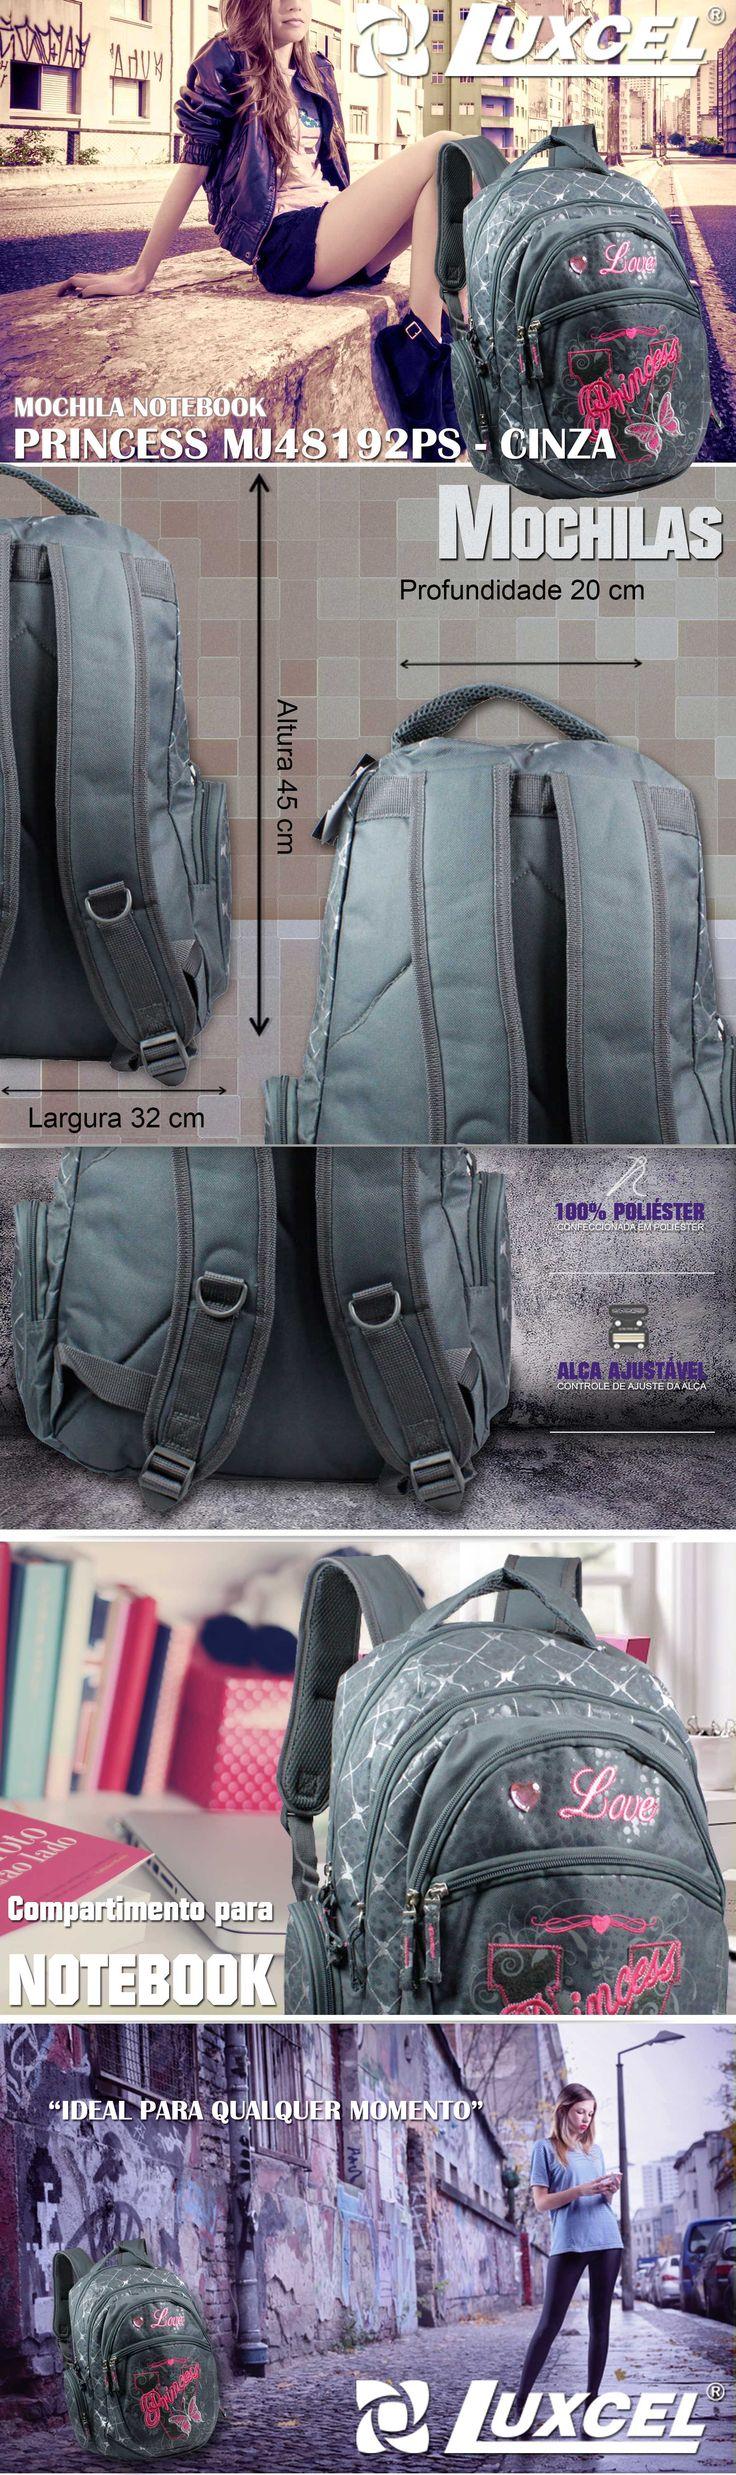 Mochilas escolares . A maior variedade de bolsas, malas e mochilas da internet em um só lugar. Pensou em bolsa, pensou EllaStore. A sua loja de bolsas da internet